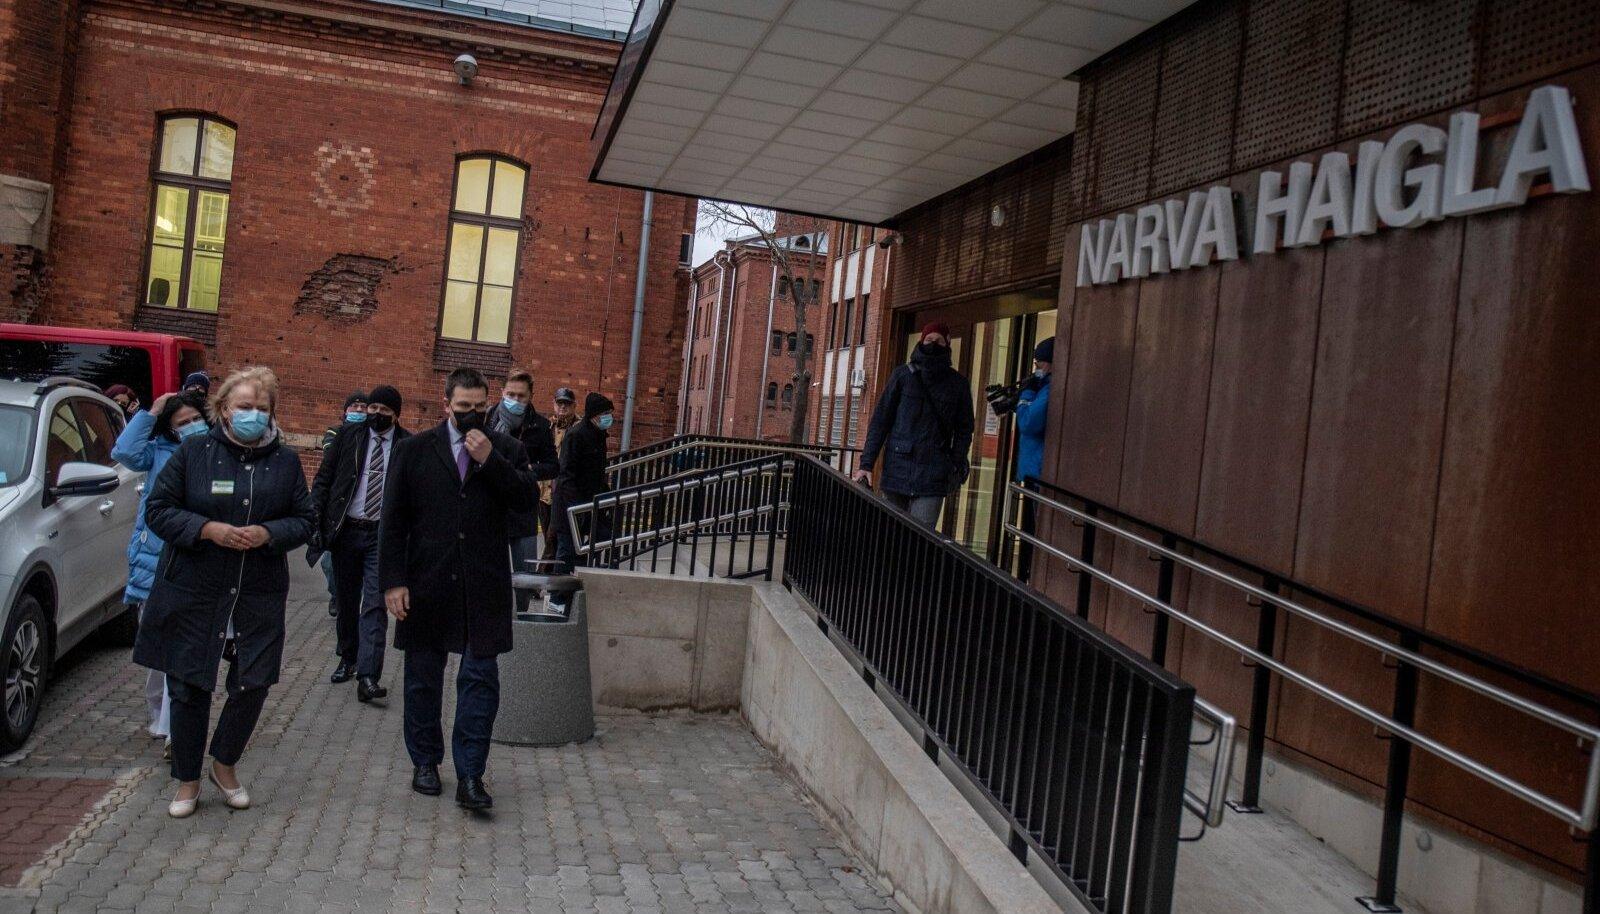 Möödunud nädalal külastas Narvat ka peaministerJüri Ratas, kes sai visiidil olles teada, et on ise nakatunu lähikontaktne.